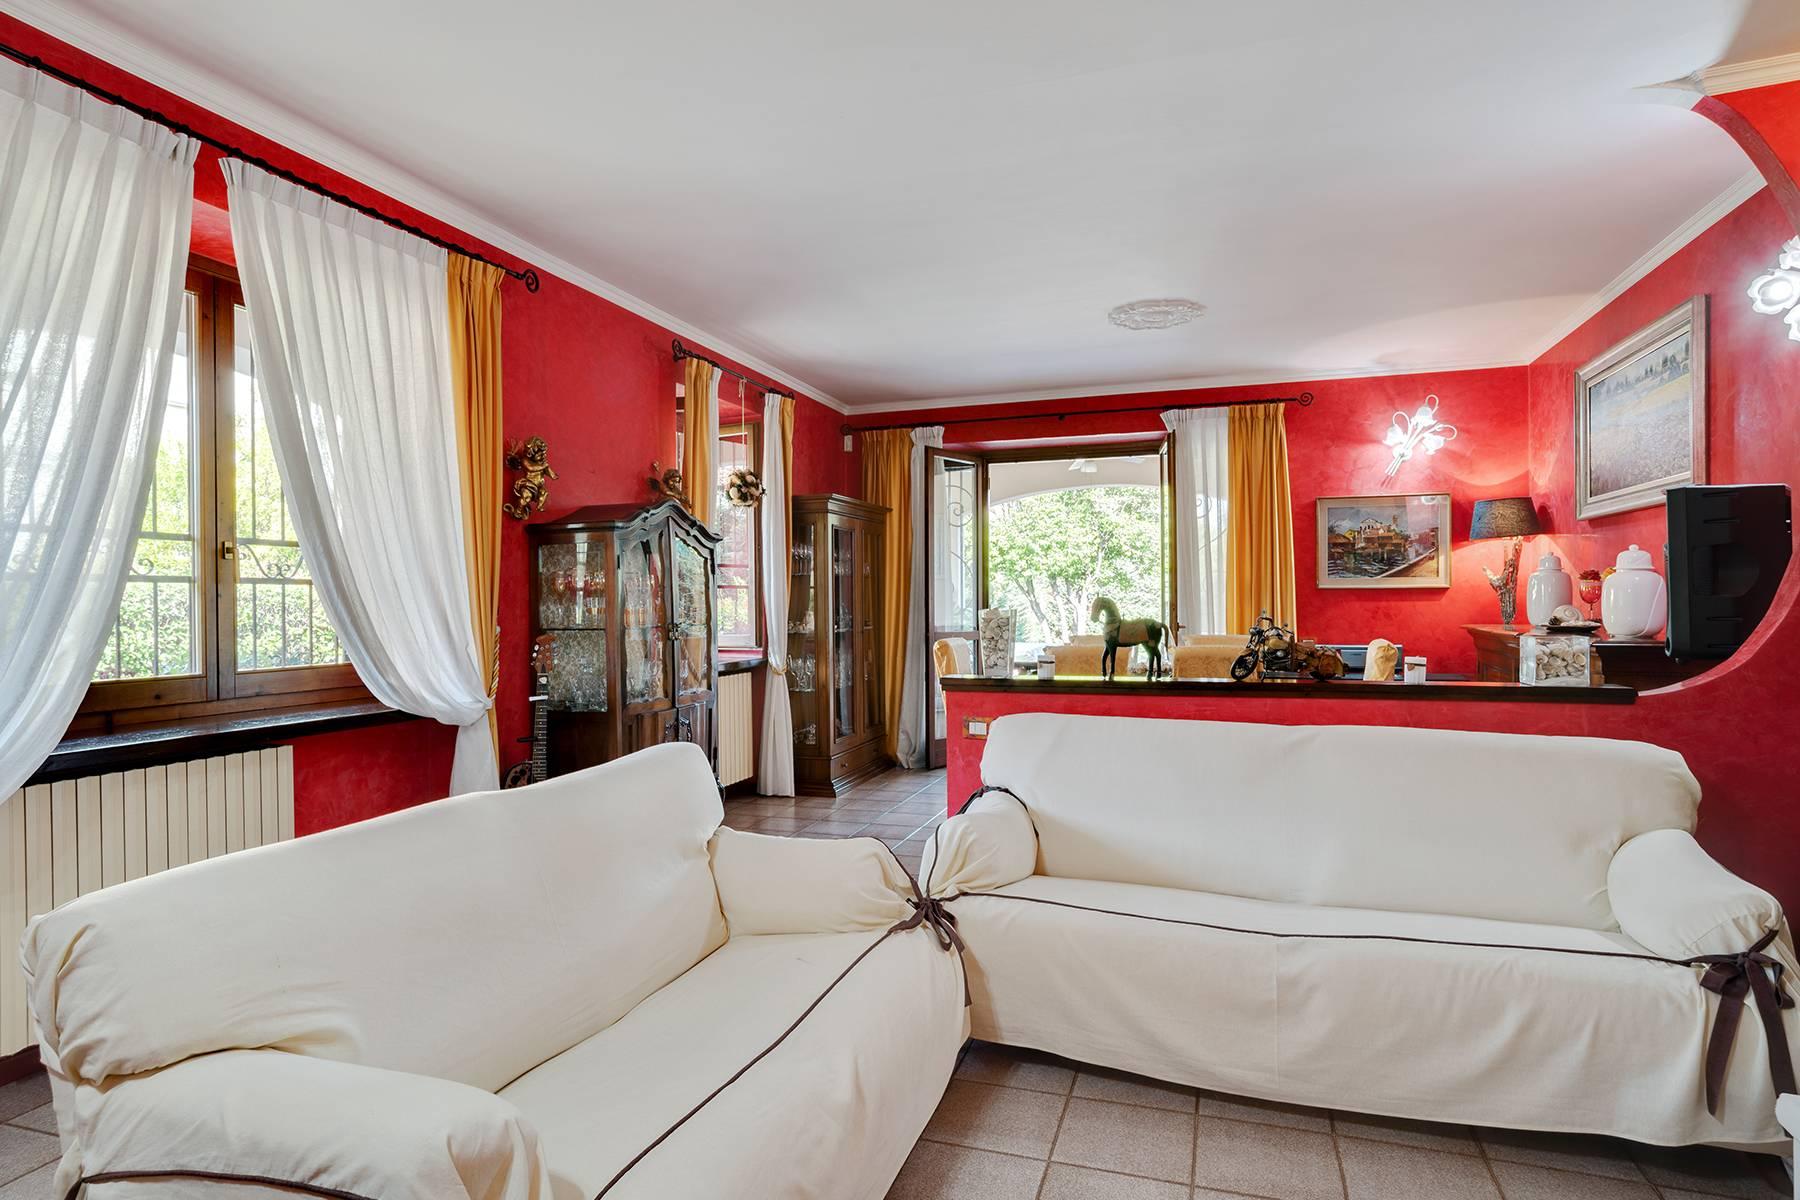 Villa in Vendita a Arona: 5 locali, 246 mq - Foto 6